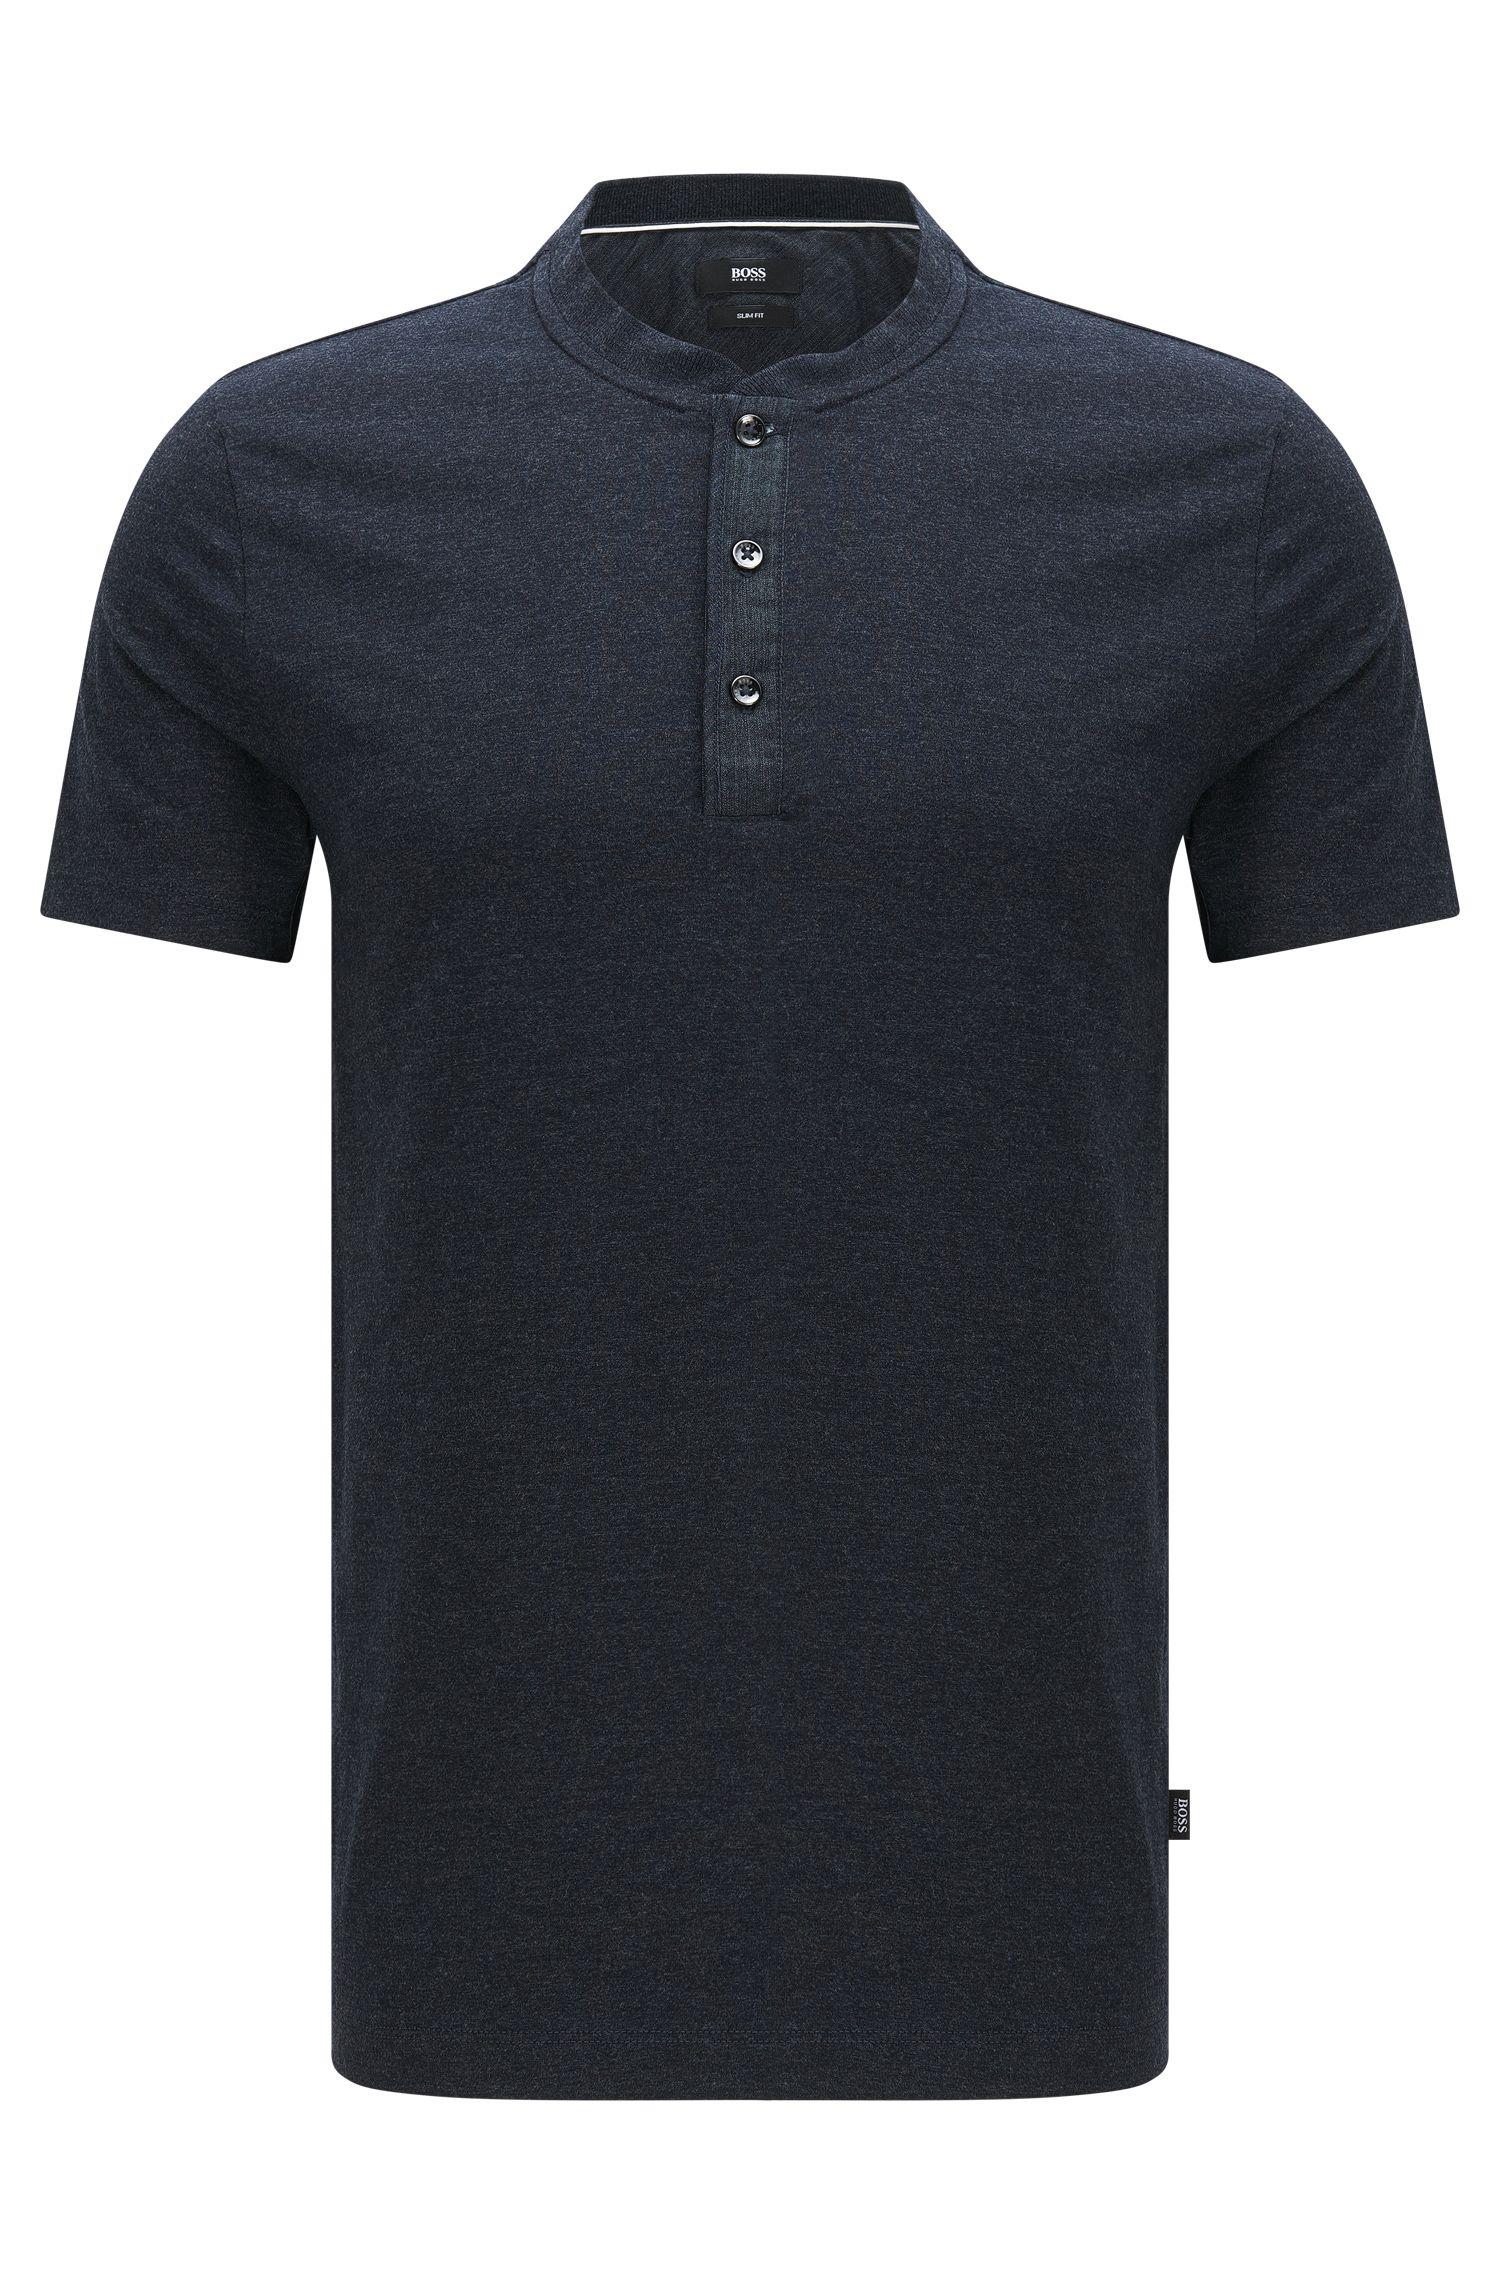 'Tiller' | Slim Fit, Cotton Blend Henley T-Shirt